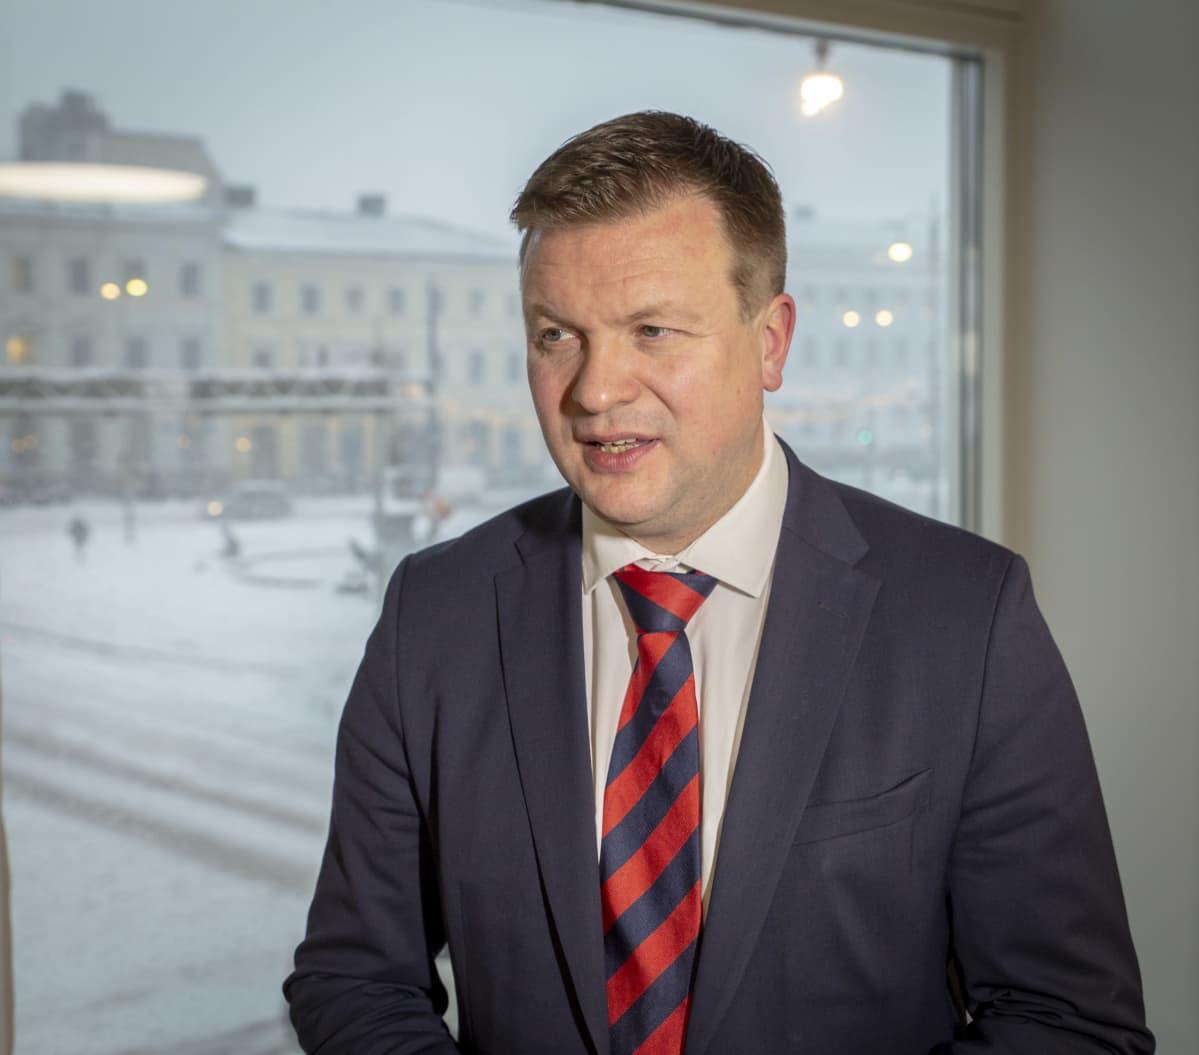 Kehitysyhteistyö- ja ulkomaankauppaministeri Ville Skinnari Ulkoministeriössä Helsingissä.